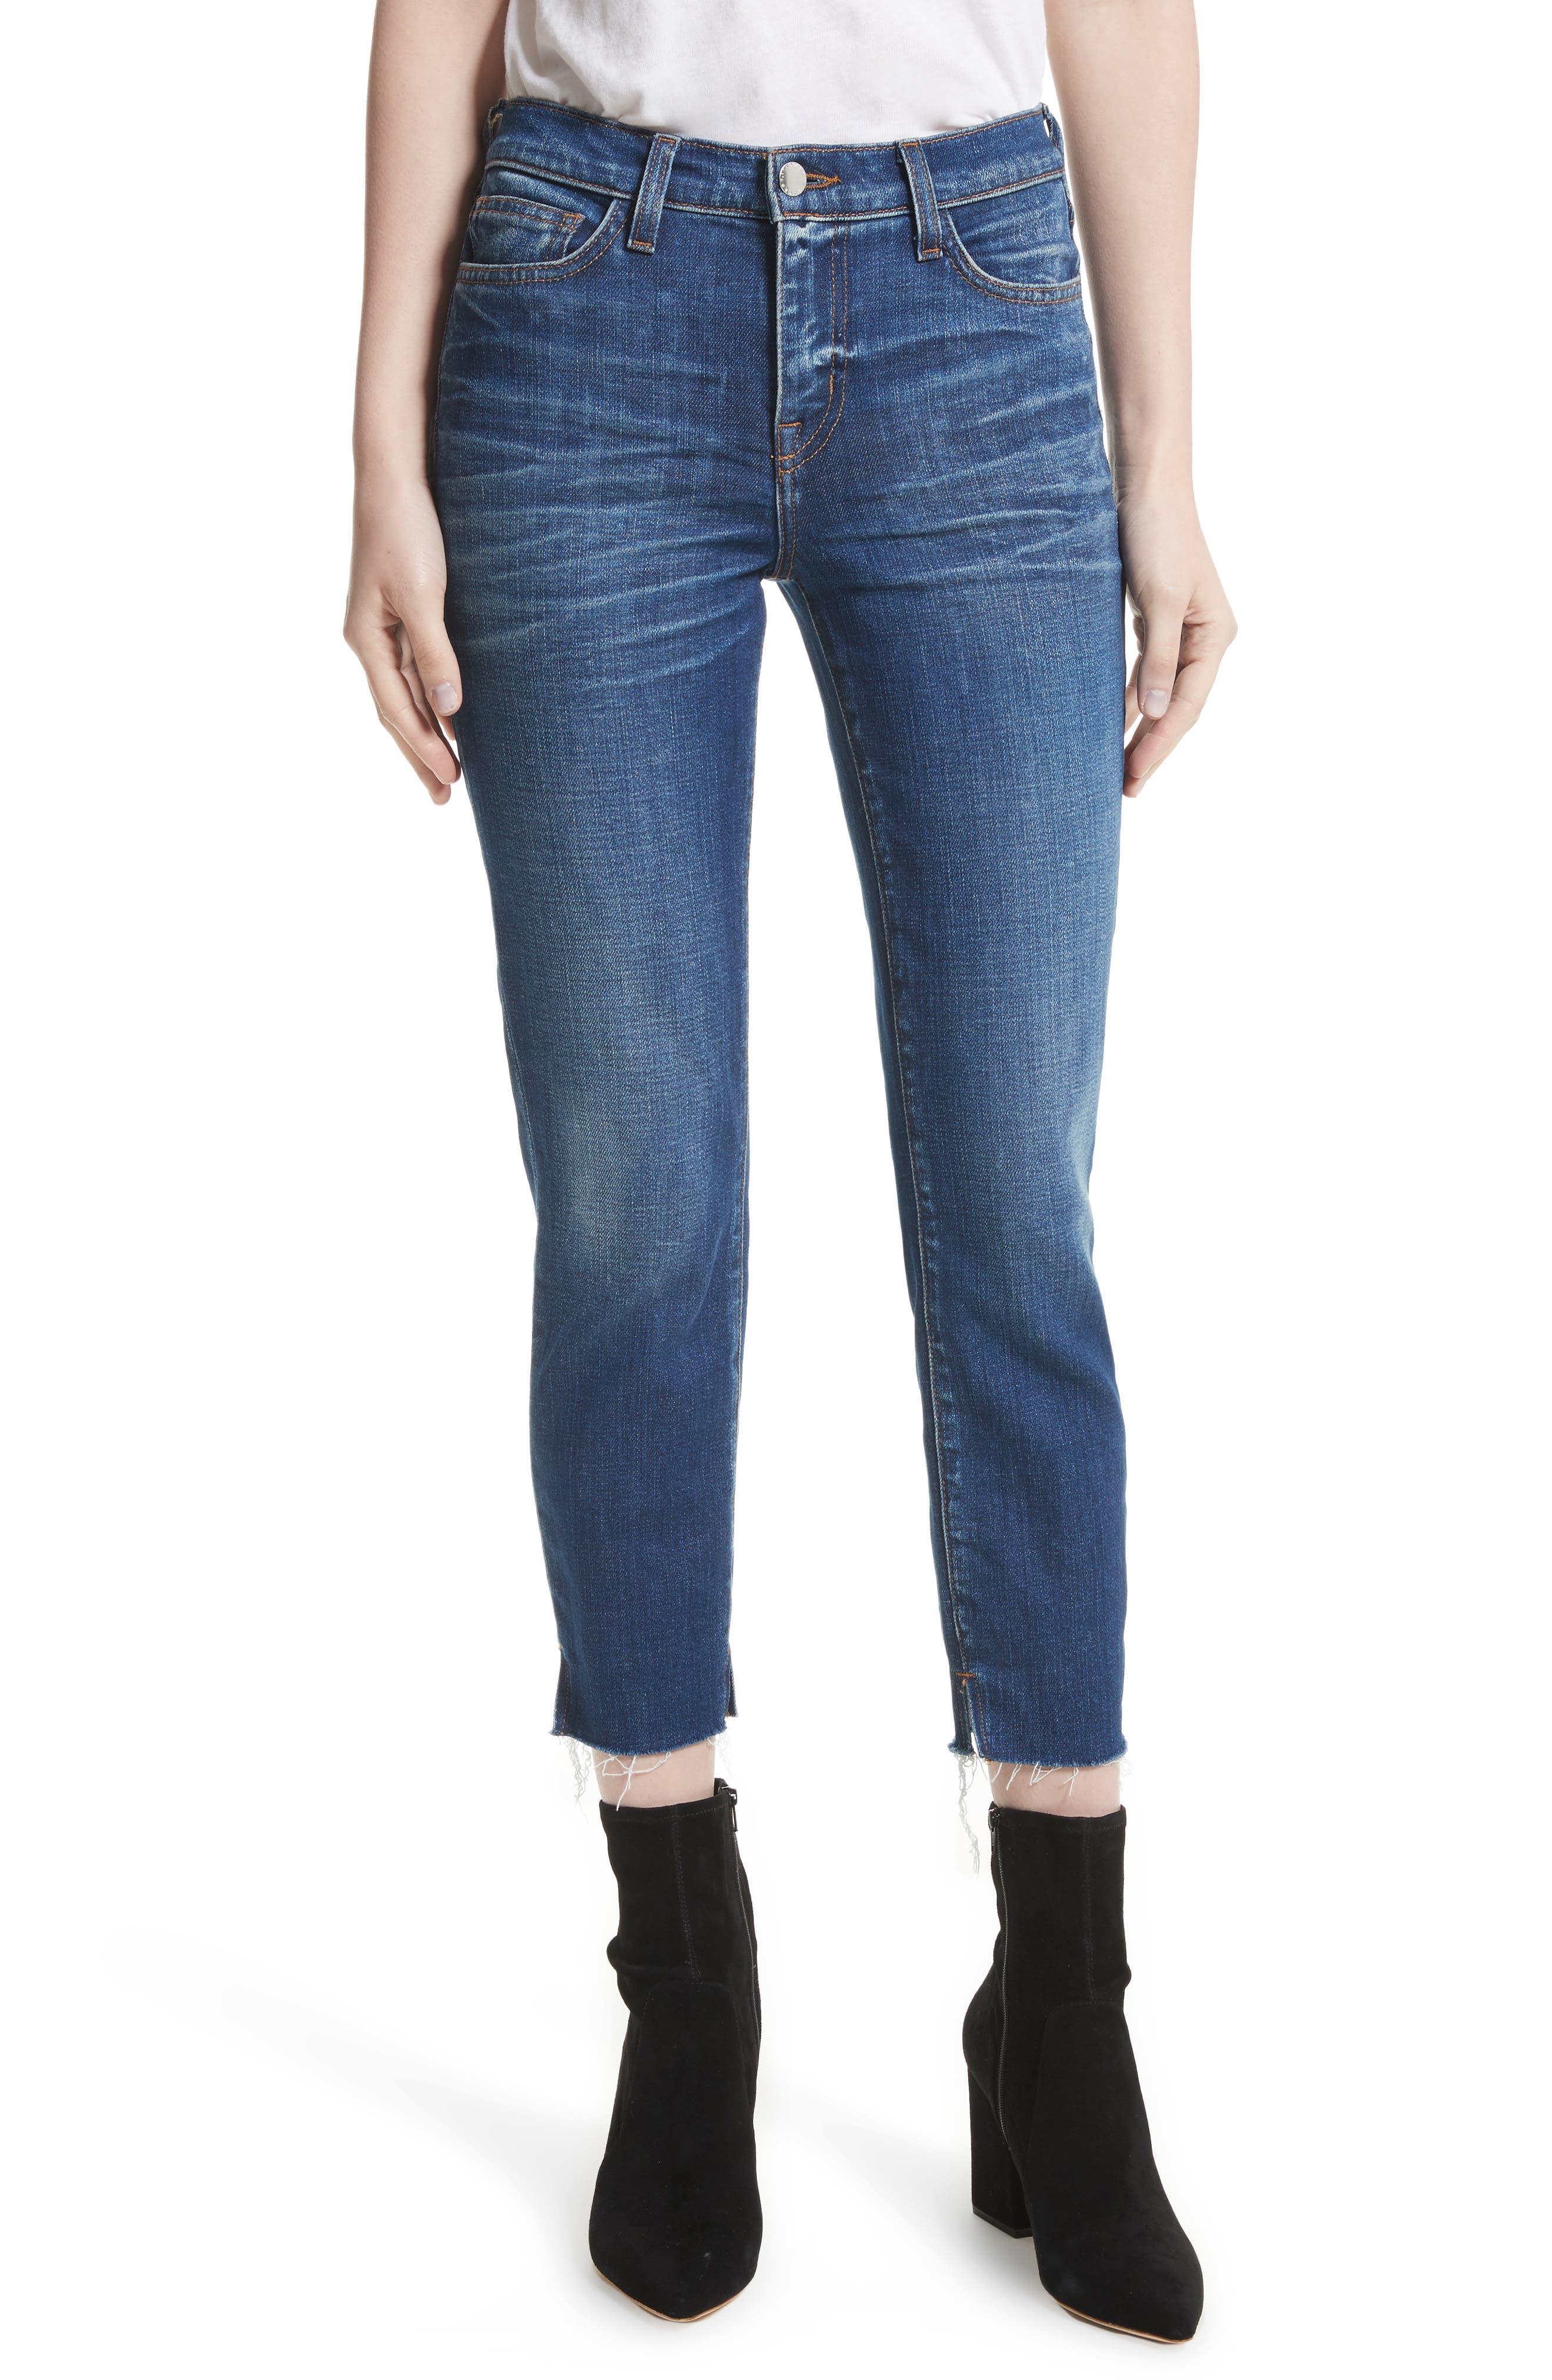 L'AGENCE Nicoline Slit Ankle Skinny Jeans